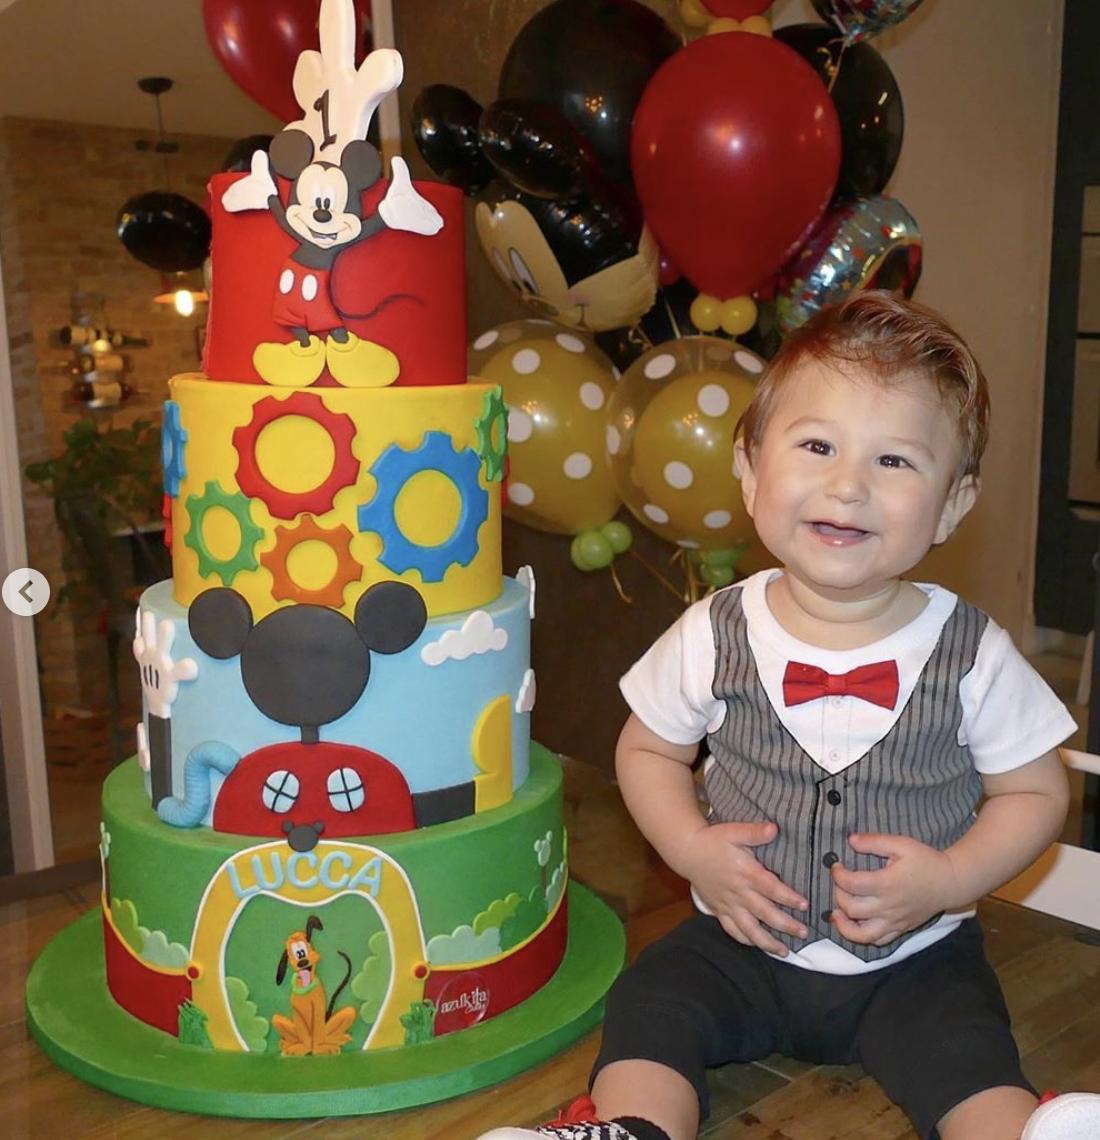 El cumpleaños de Luccaa